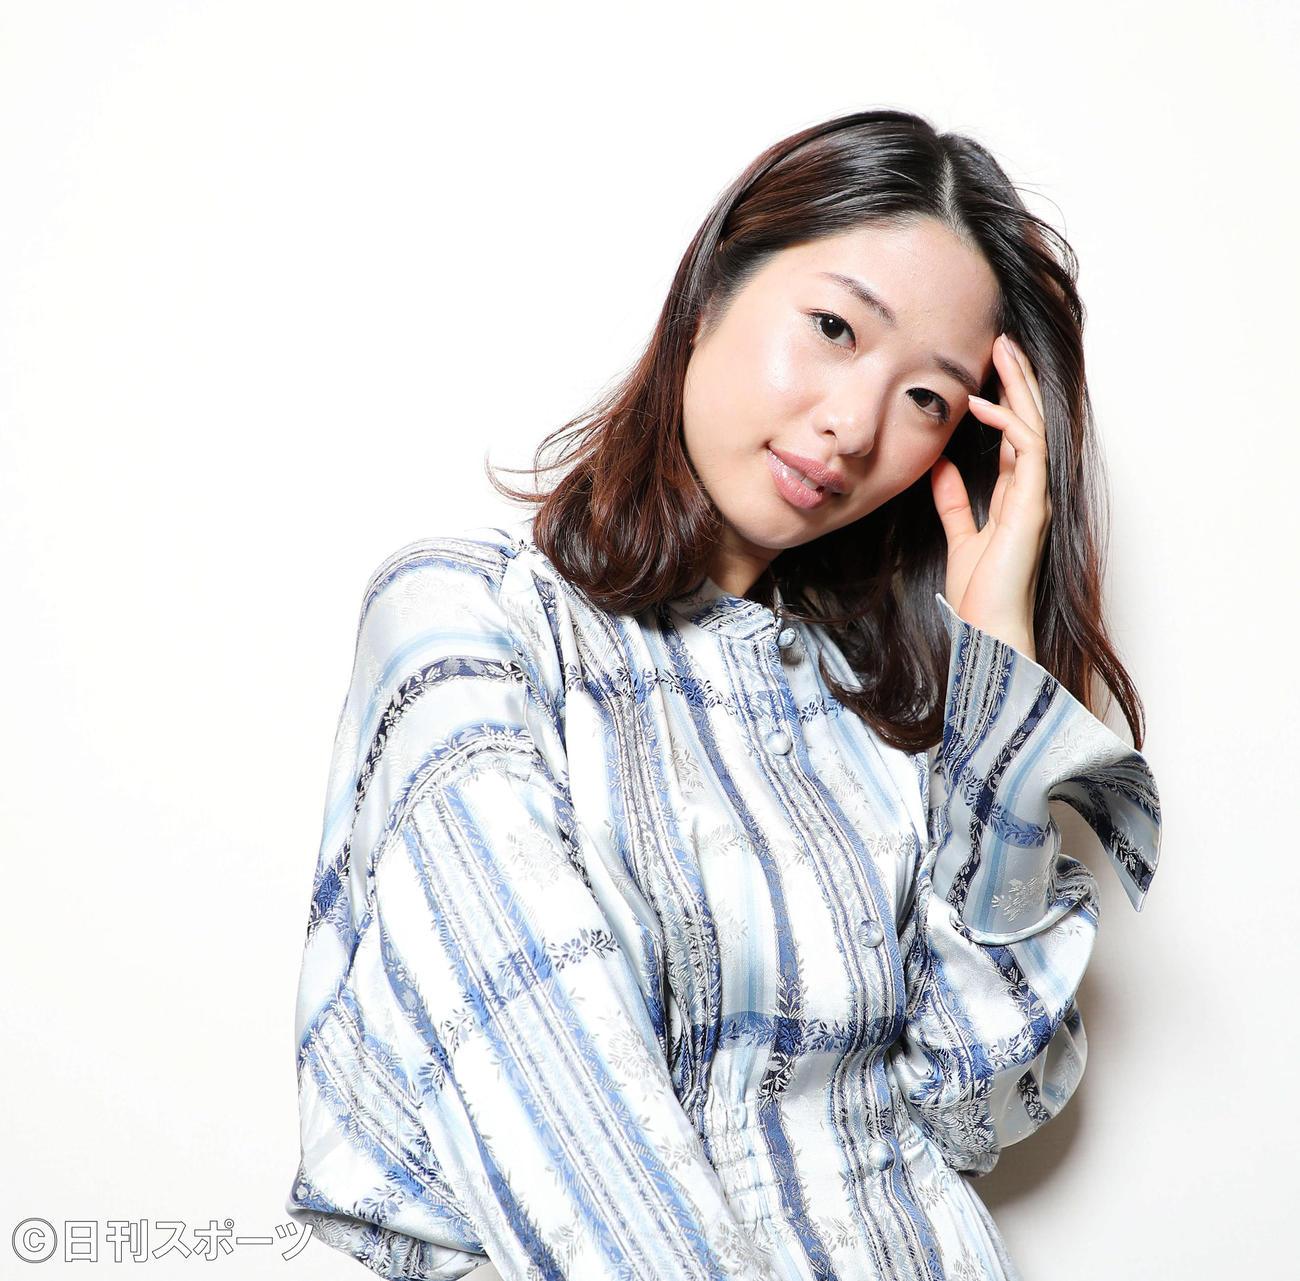 これまでとこれからの女優活動について語った川上奈々美。なにごとにも前向きでストイックな姿勢がとても印象的でした(撮影・河田真司)